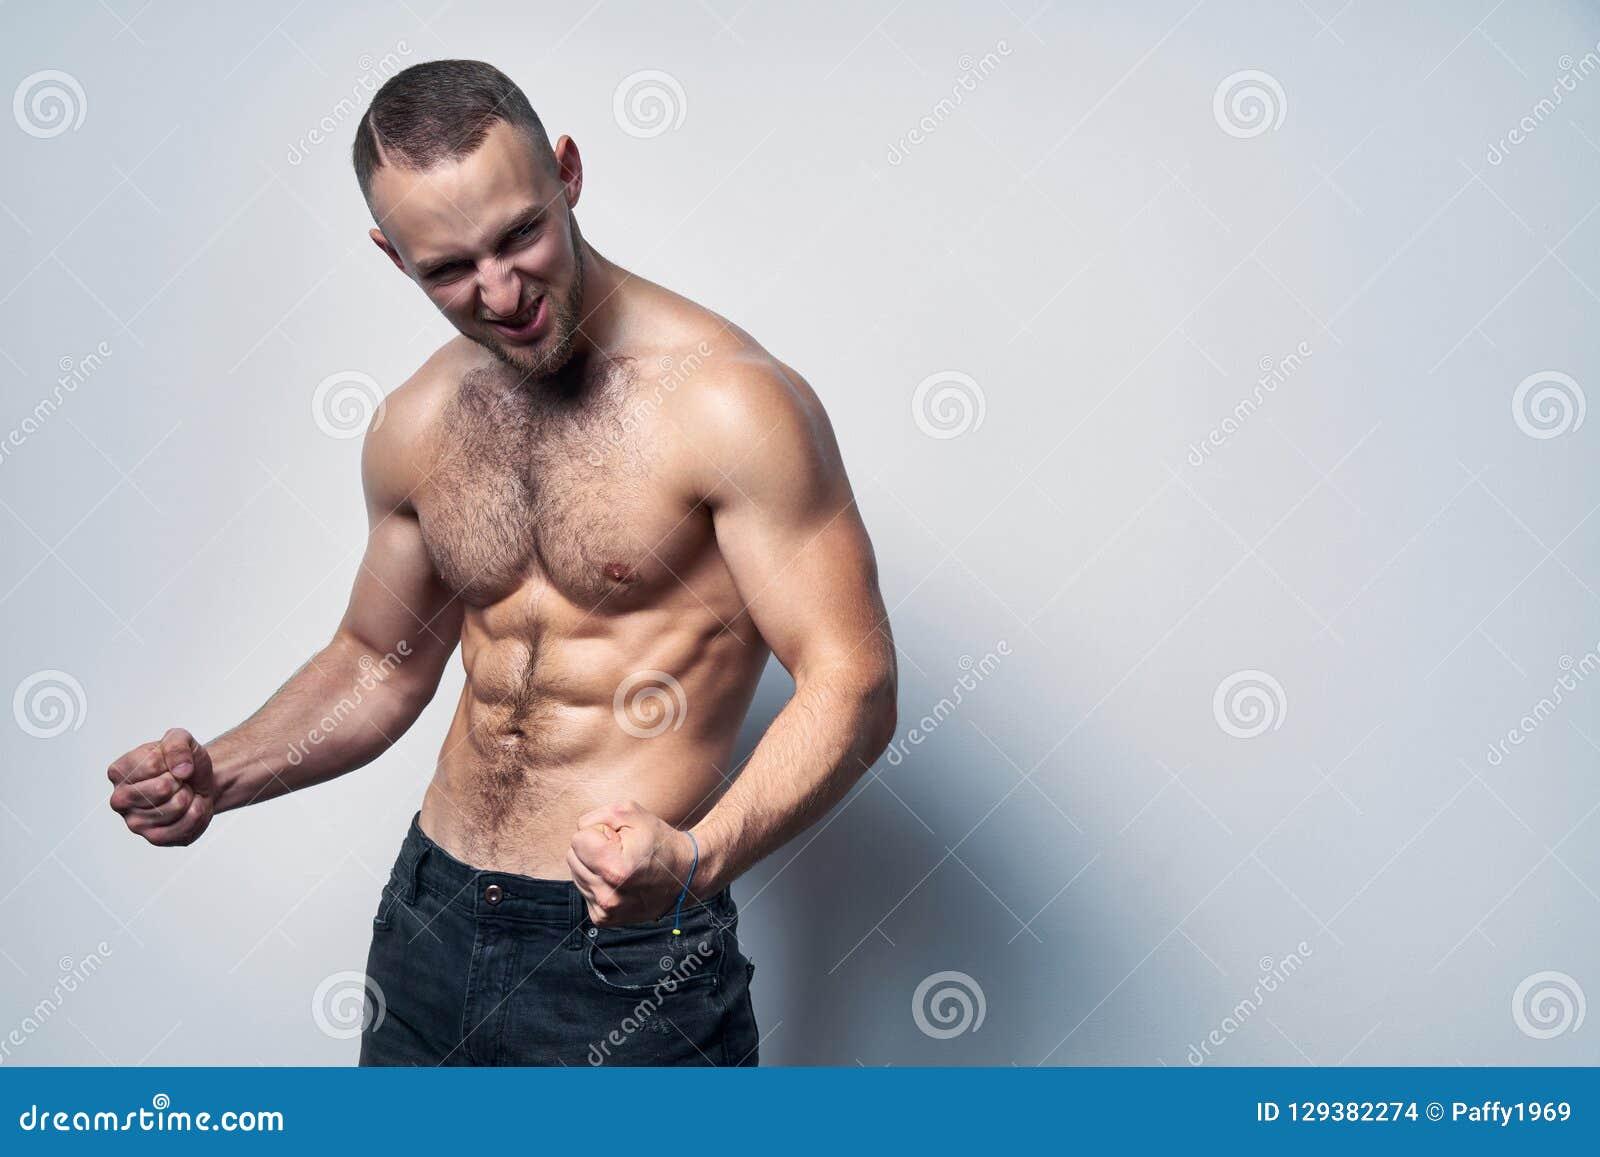 Muskulös shirtless man som firar att skrika för framgång